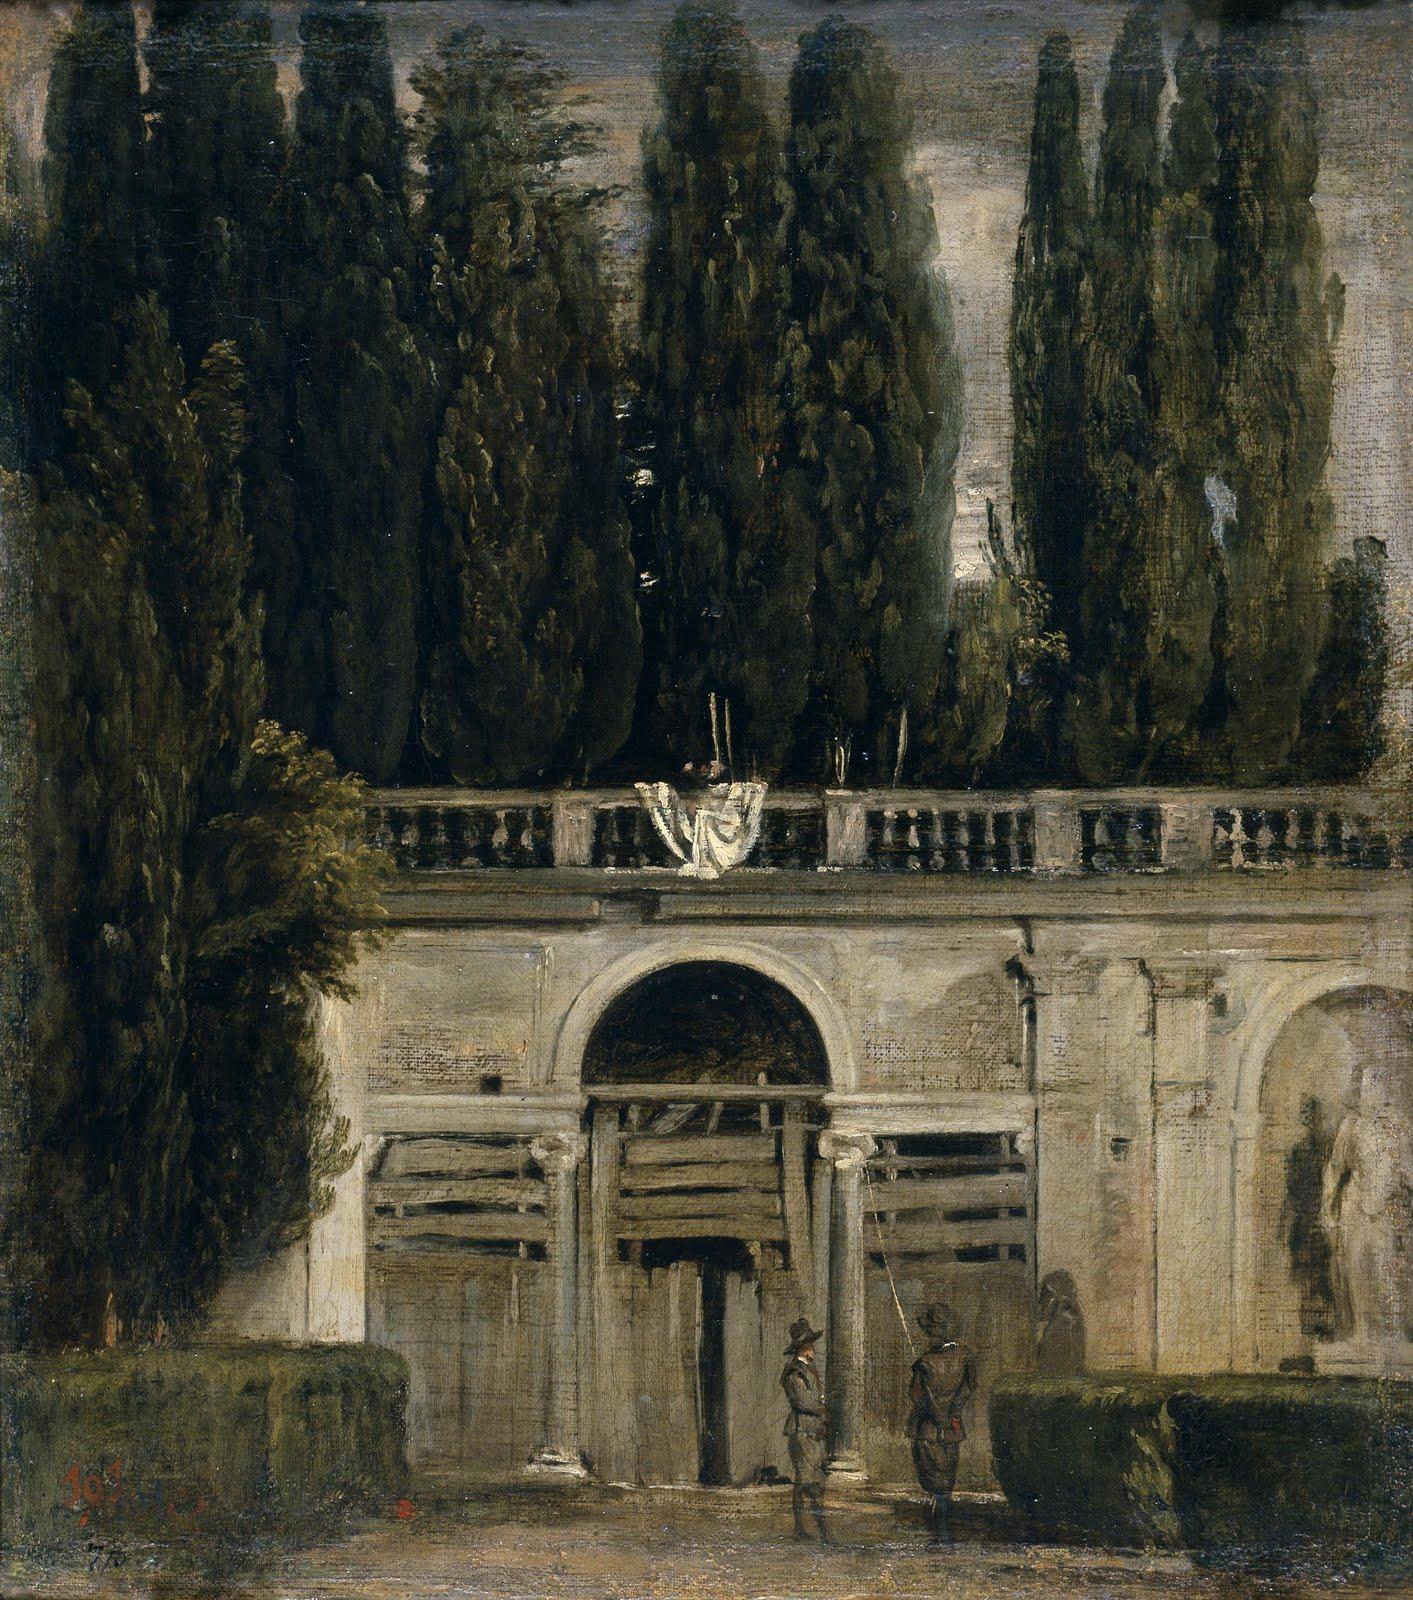 Cipreses de los jardines de la Villa Medici